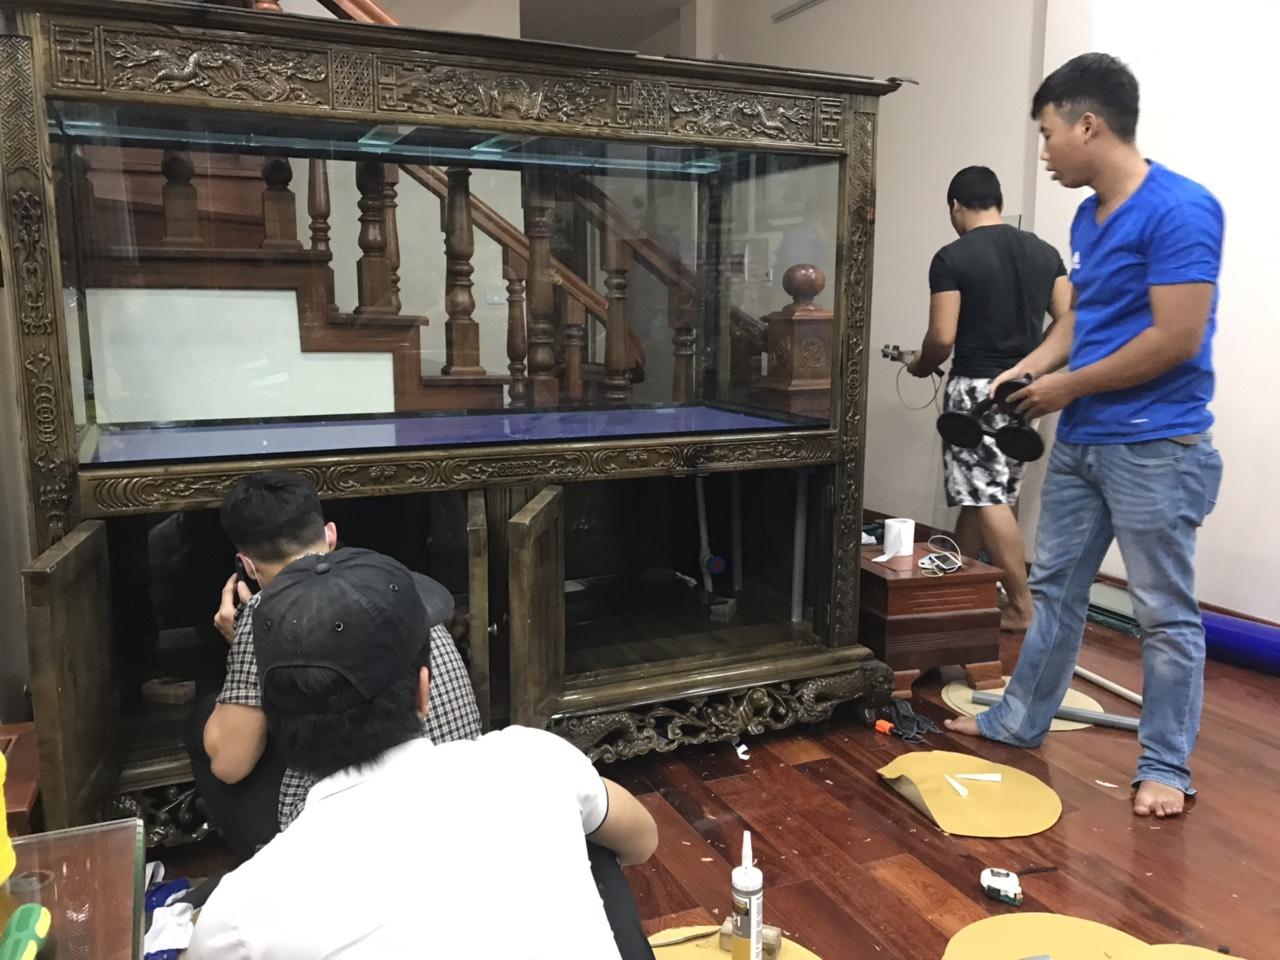 thi công Bể cá rồng nhà anh Tú ở Long Biên Hà Nội